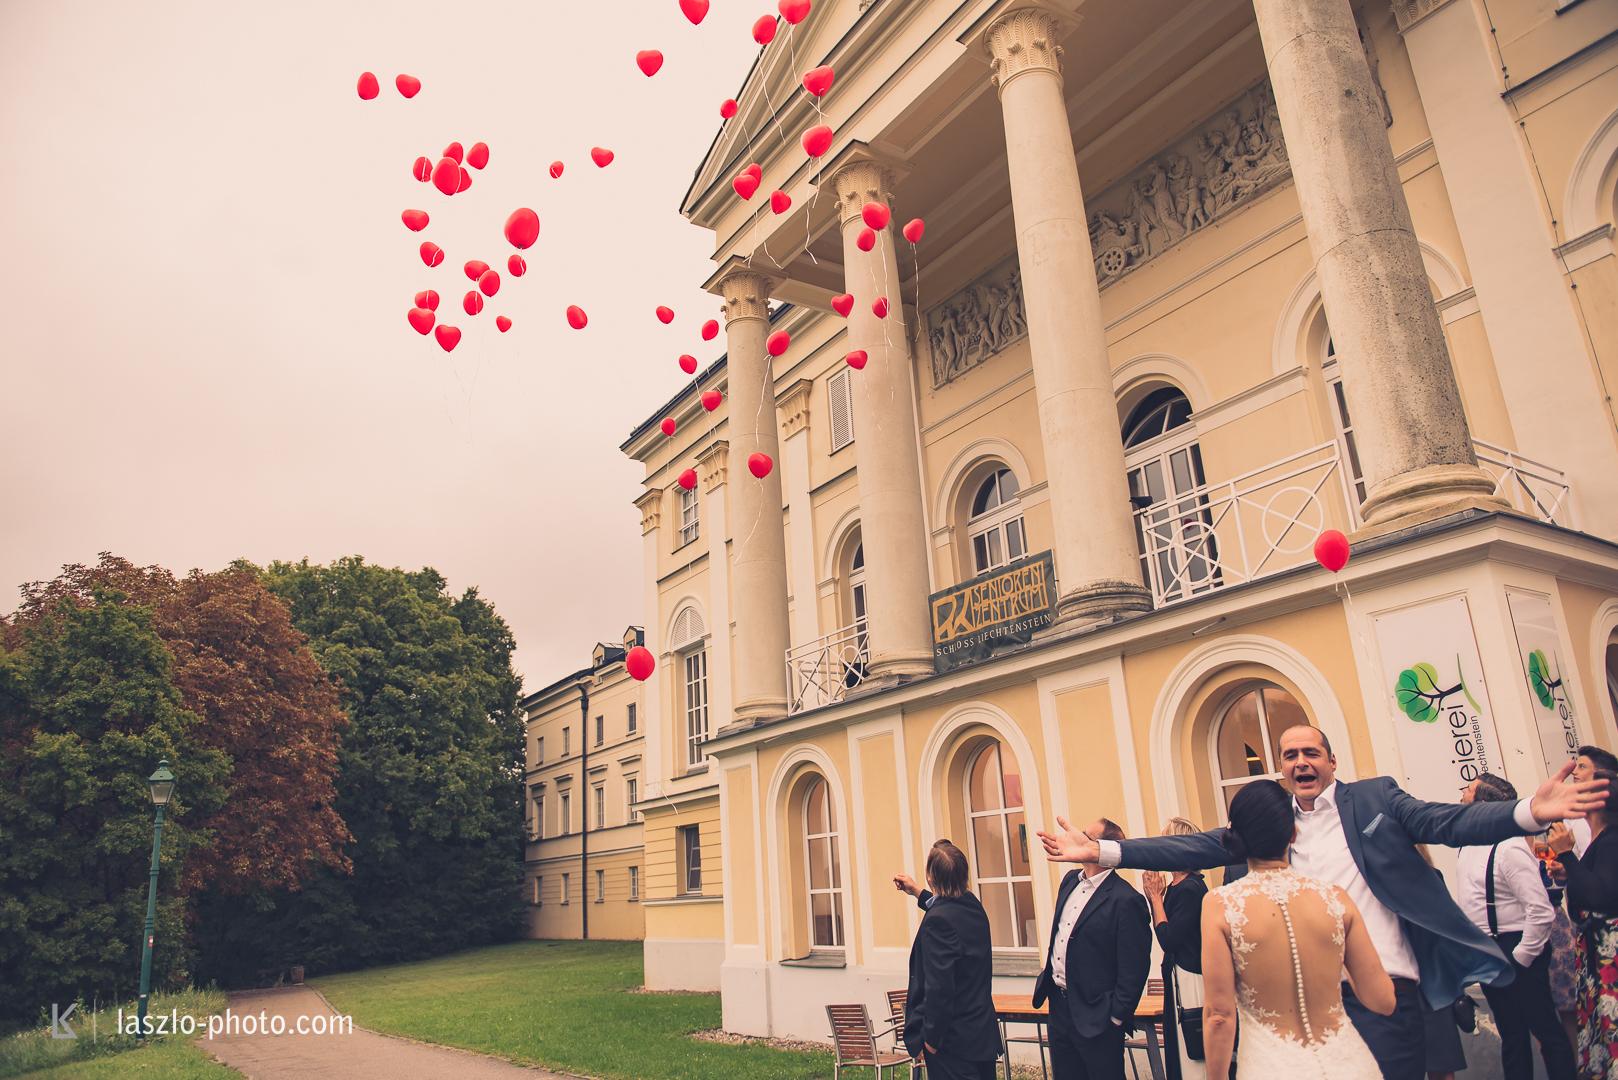 20170901_Hochzeit_ManuelaJason-3419